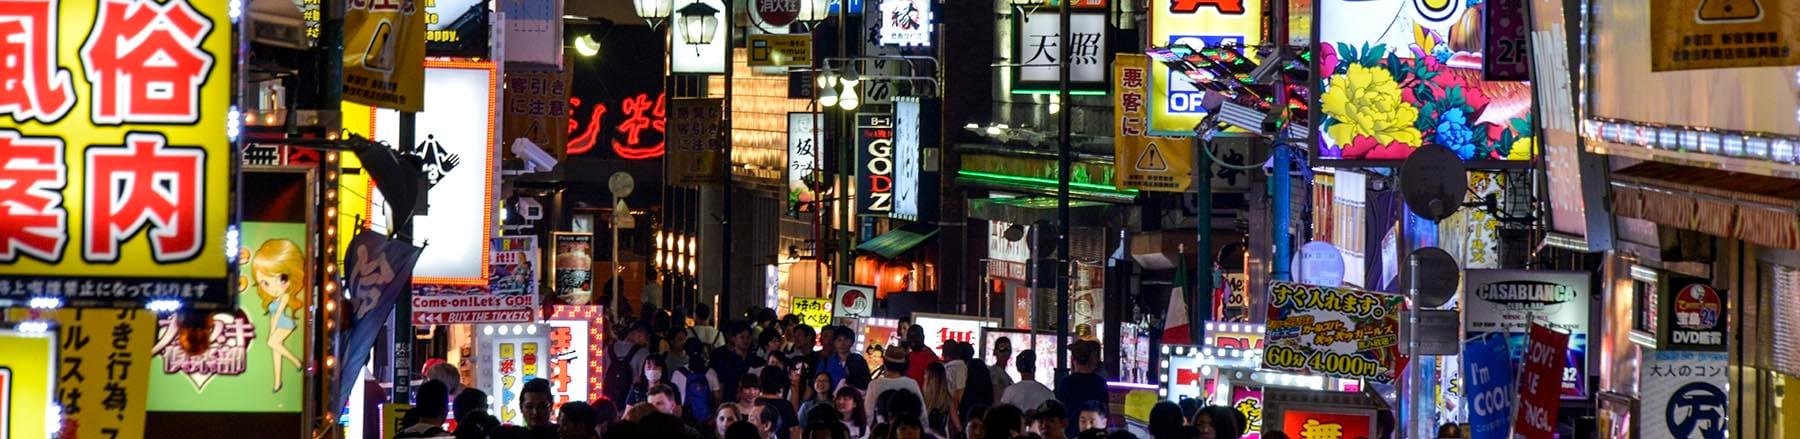 Shinjuku i Tokyo i Japan